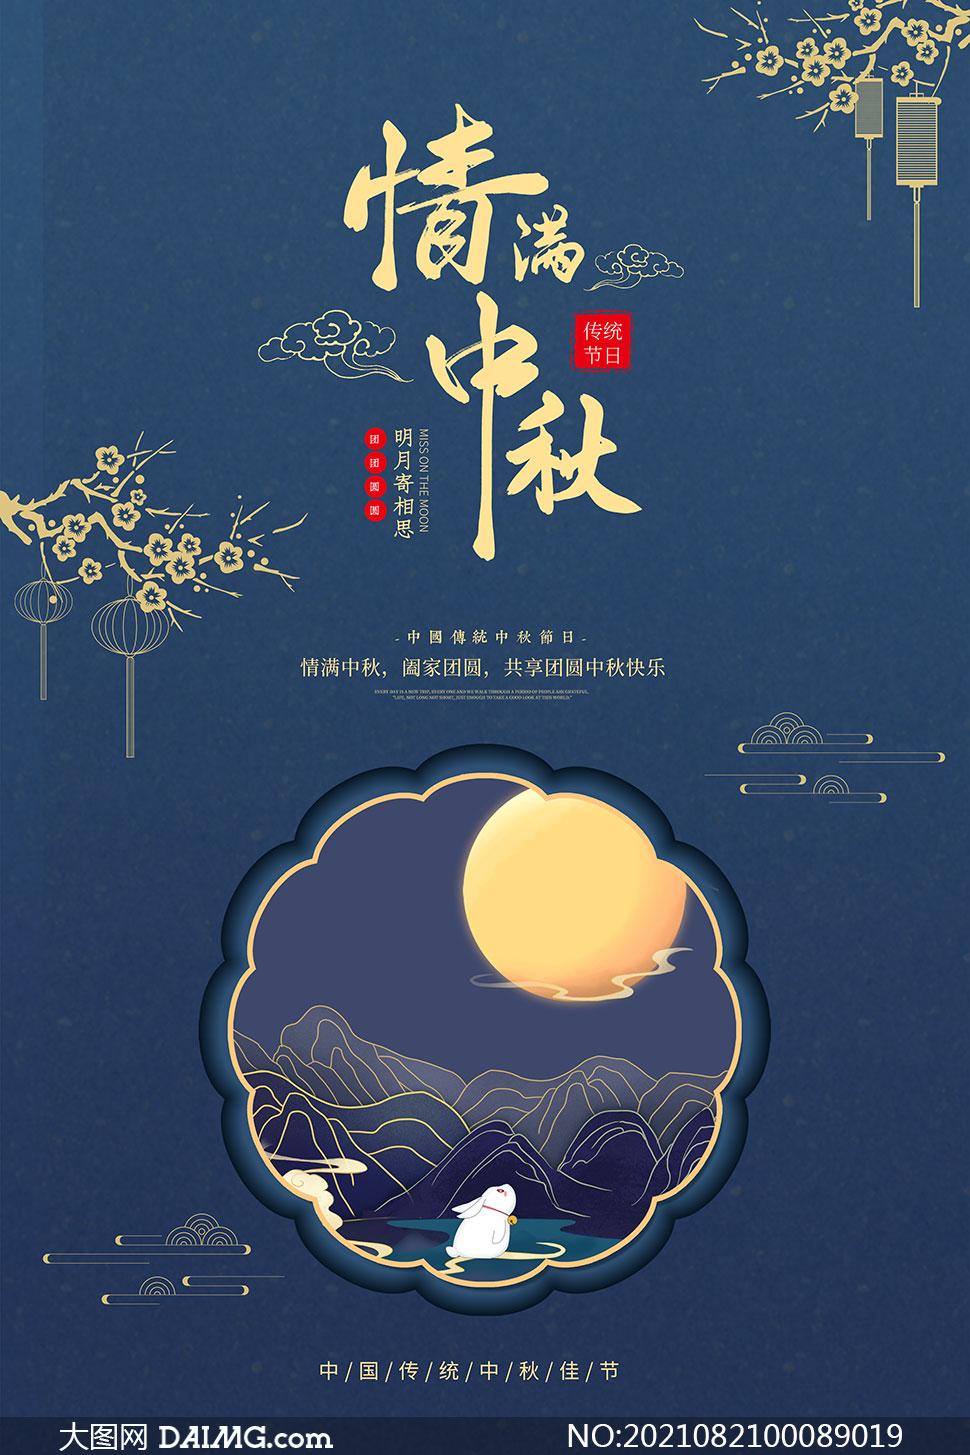 中國風中秋節活動海報設計PSD素材